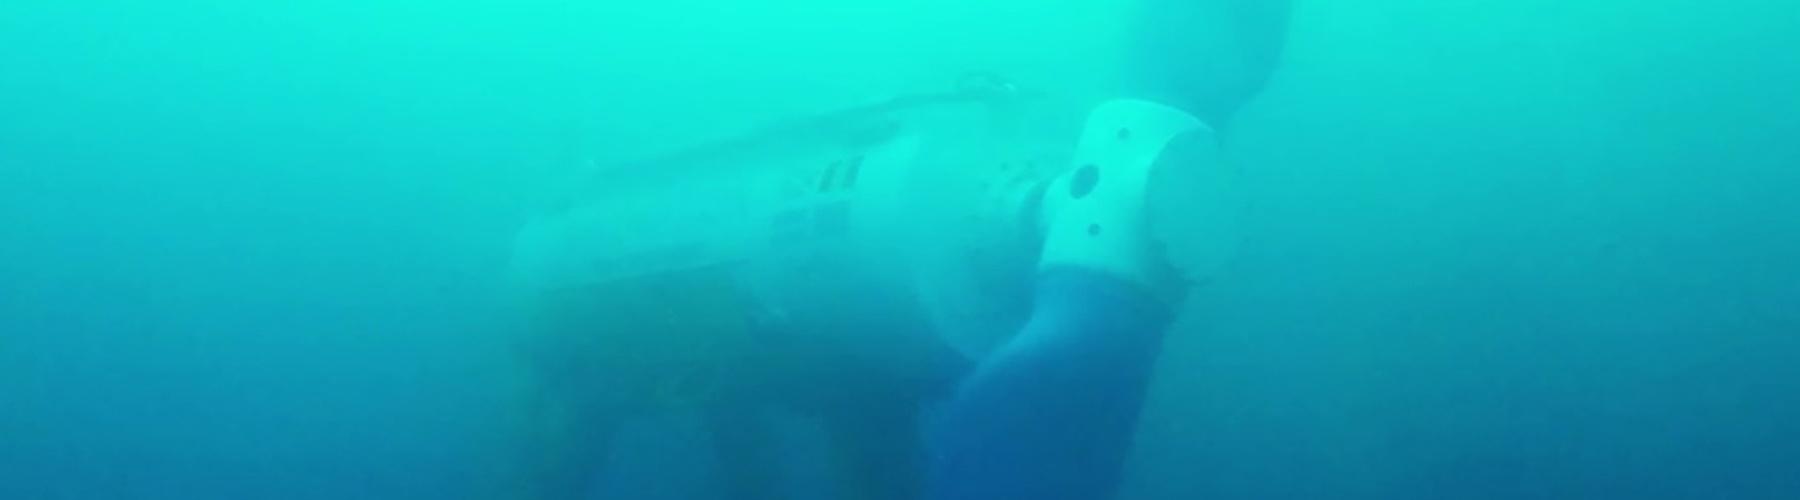 ELEMENT visuel sous la mer